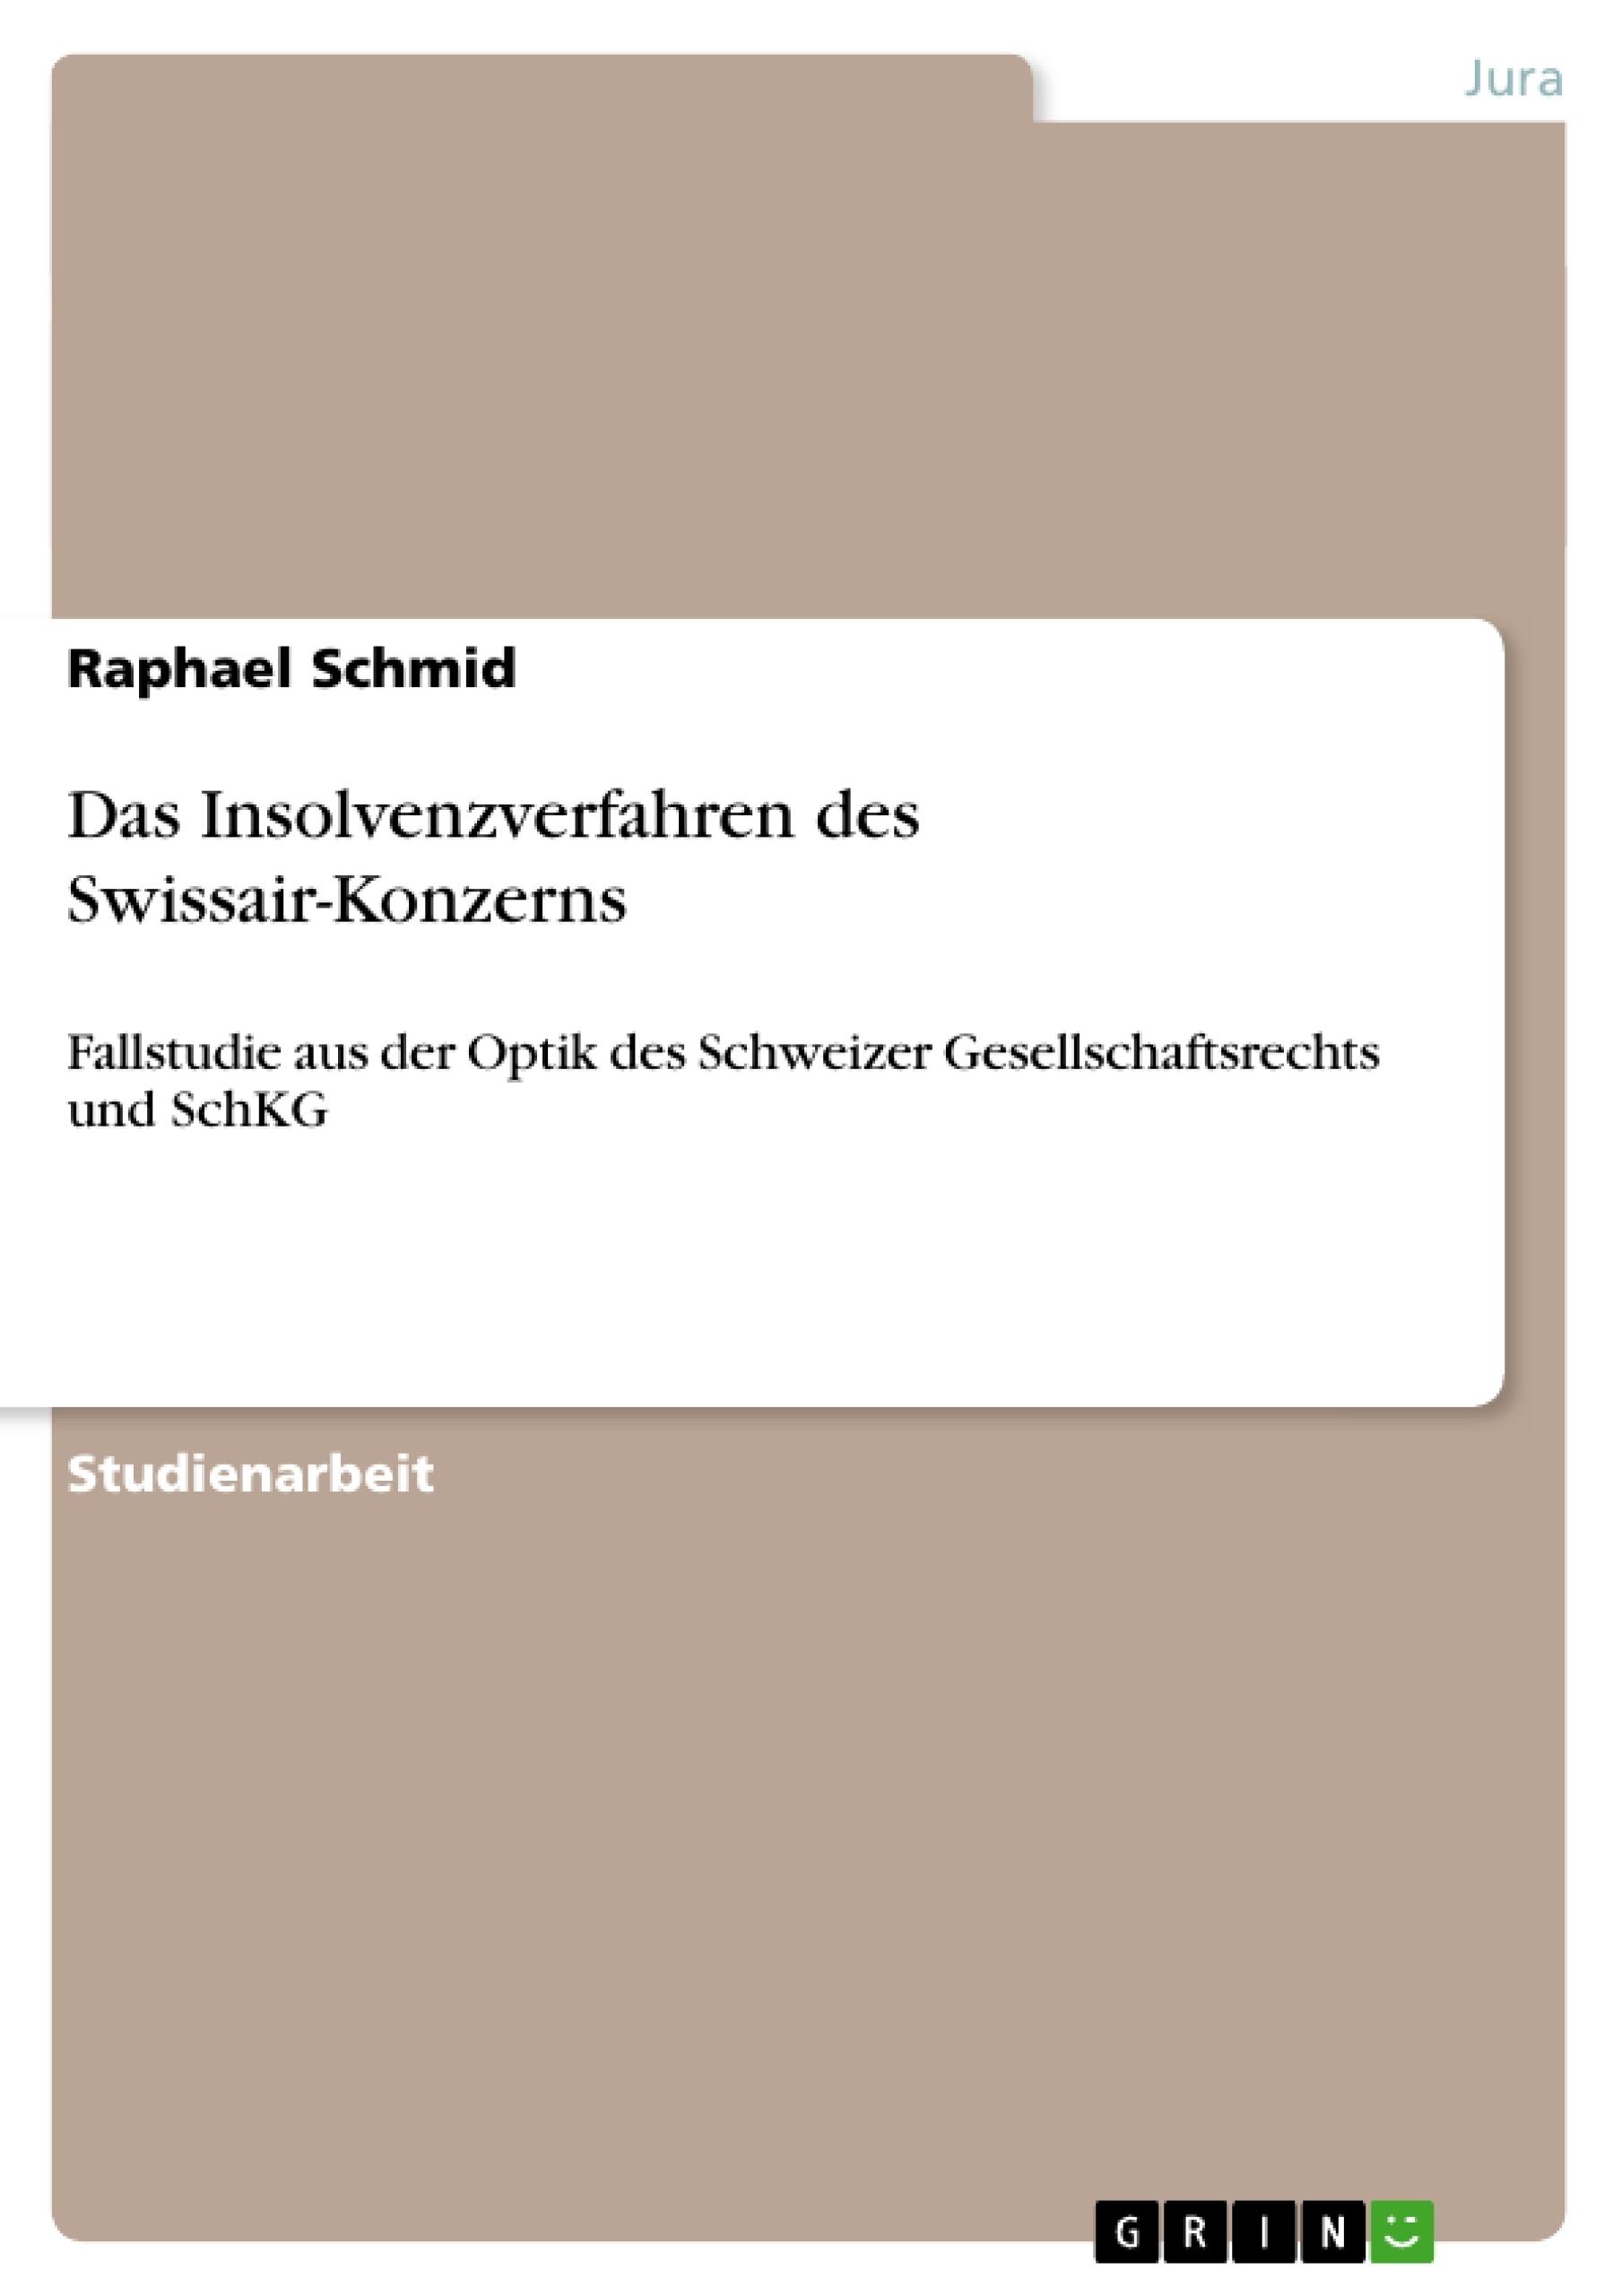 Titel: Das Insolvenzverfahren des Swissair-Konzerns